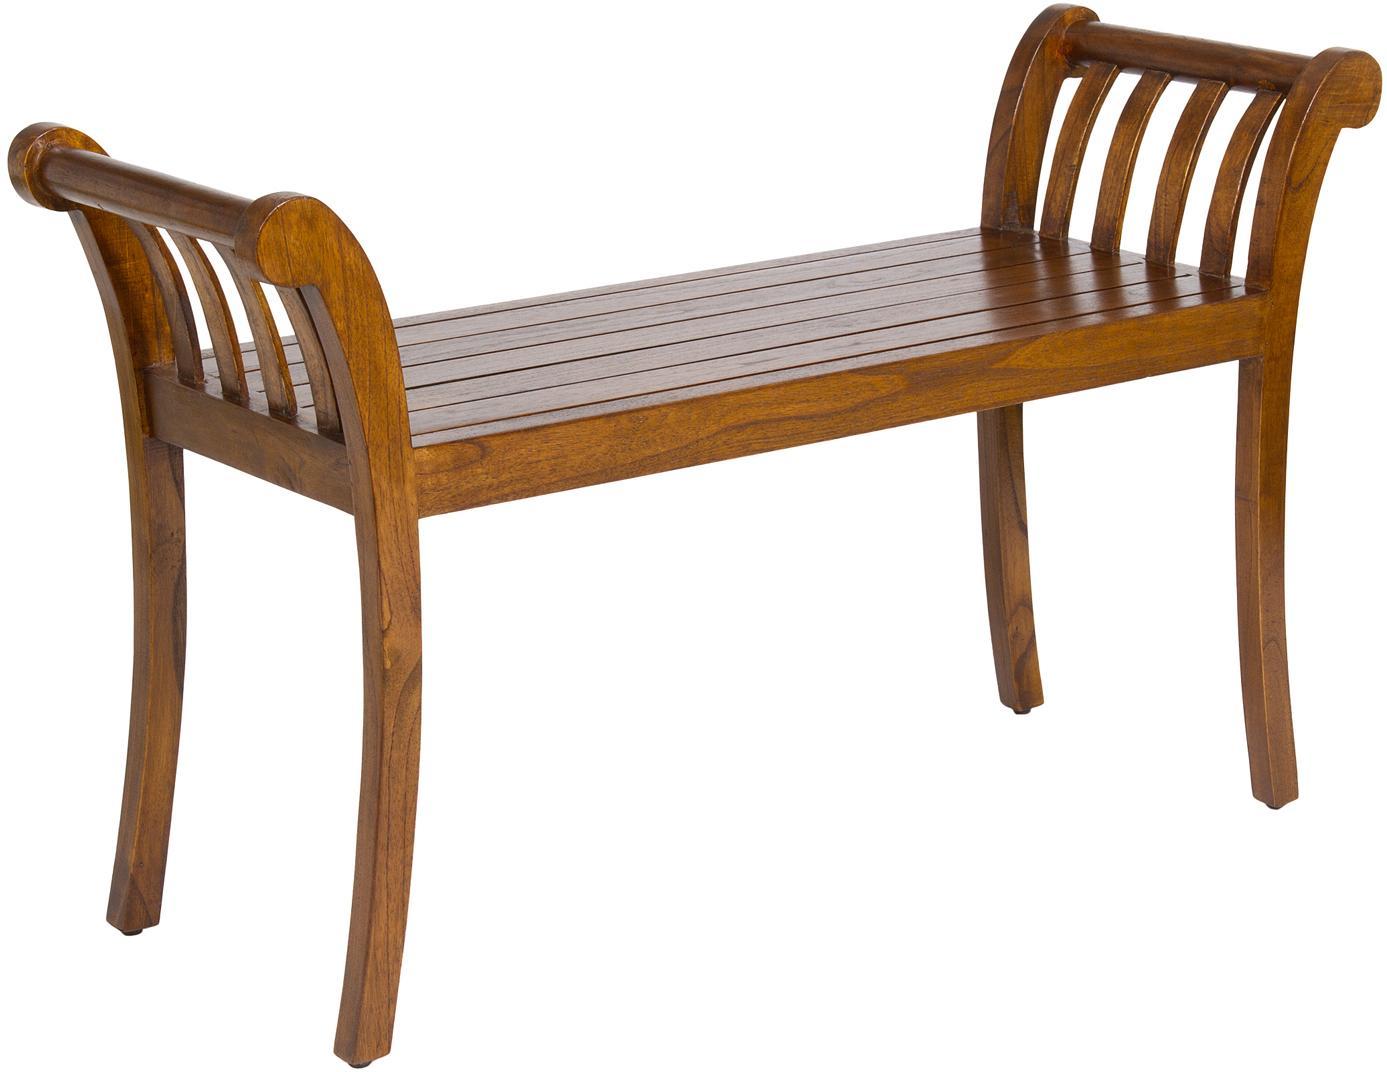 Panca in legno d'acacia Corwin, Legno d'acacia, verniciato e laccato, Marrone scuro, Larg. 105 x Alt. 64 cm